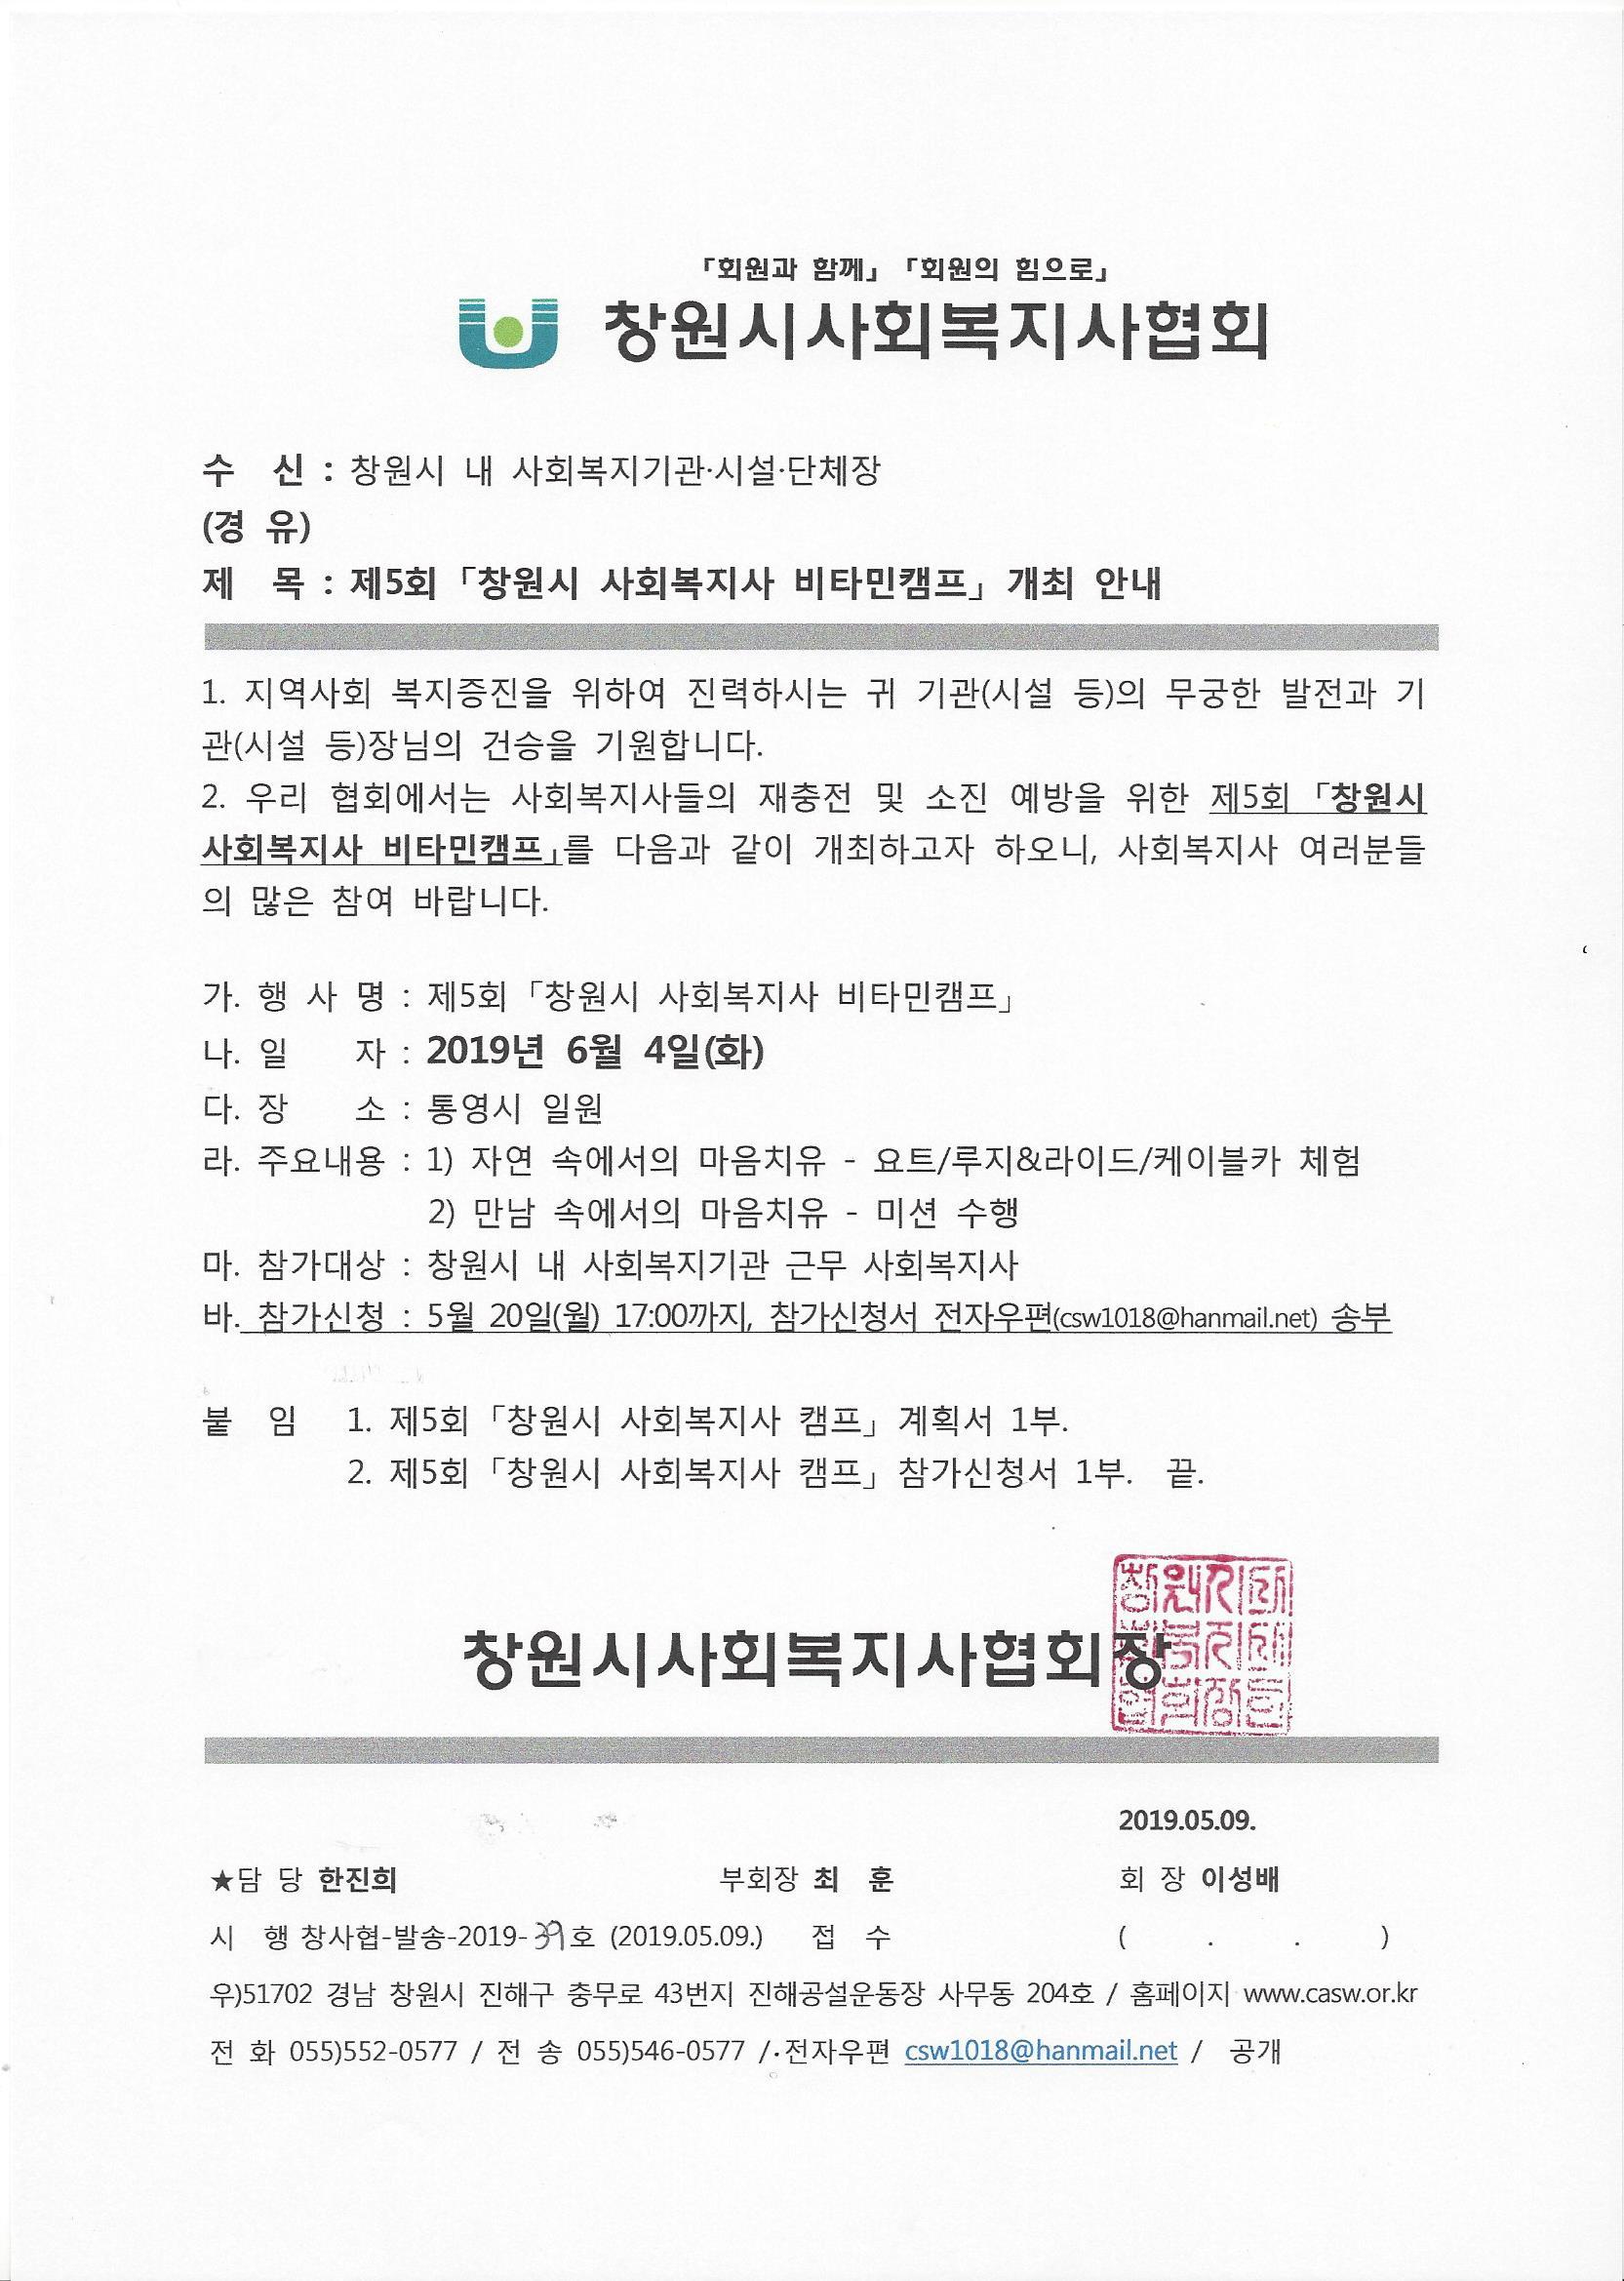 공문-제5회 비타민캠프 개최 안내.jpg